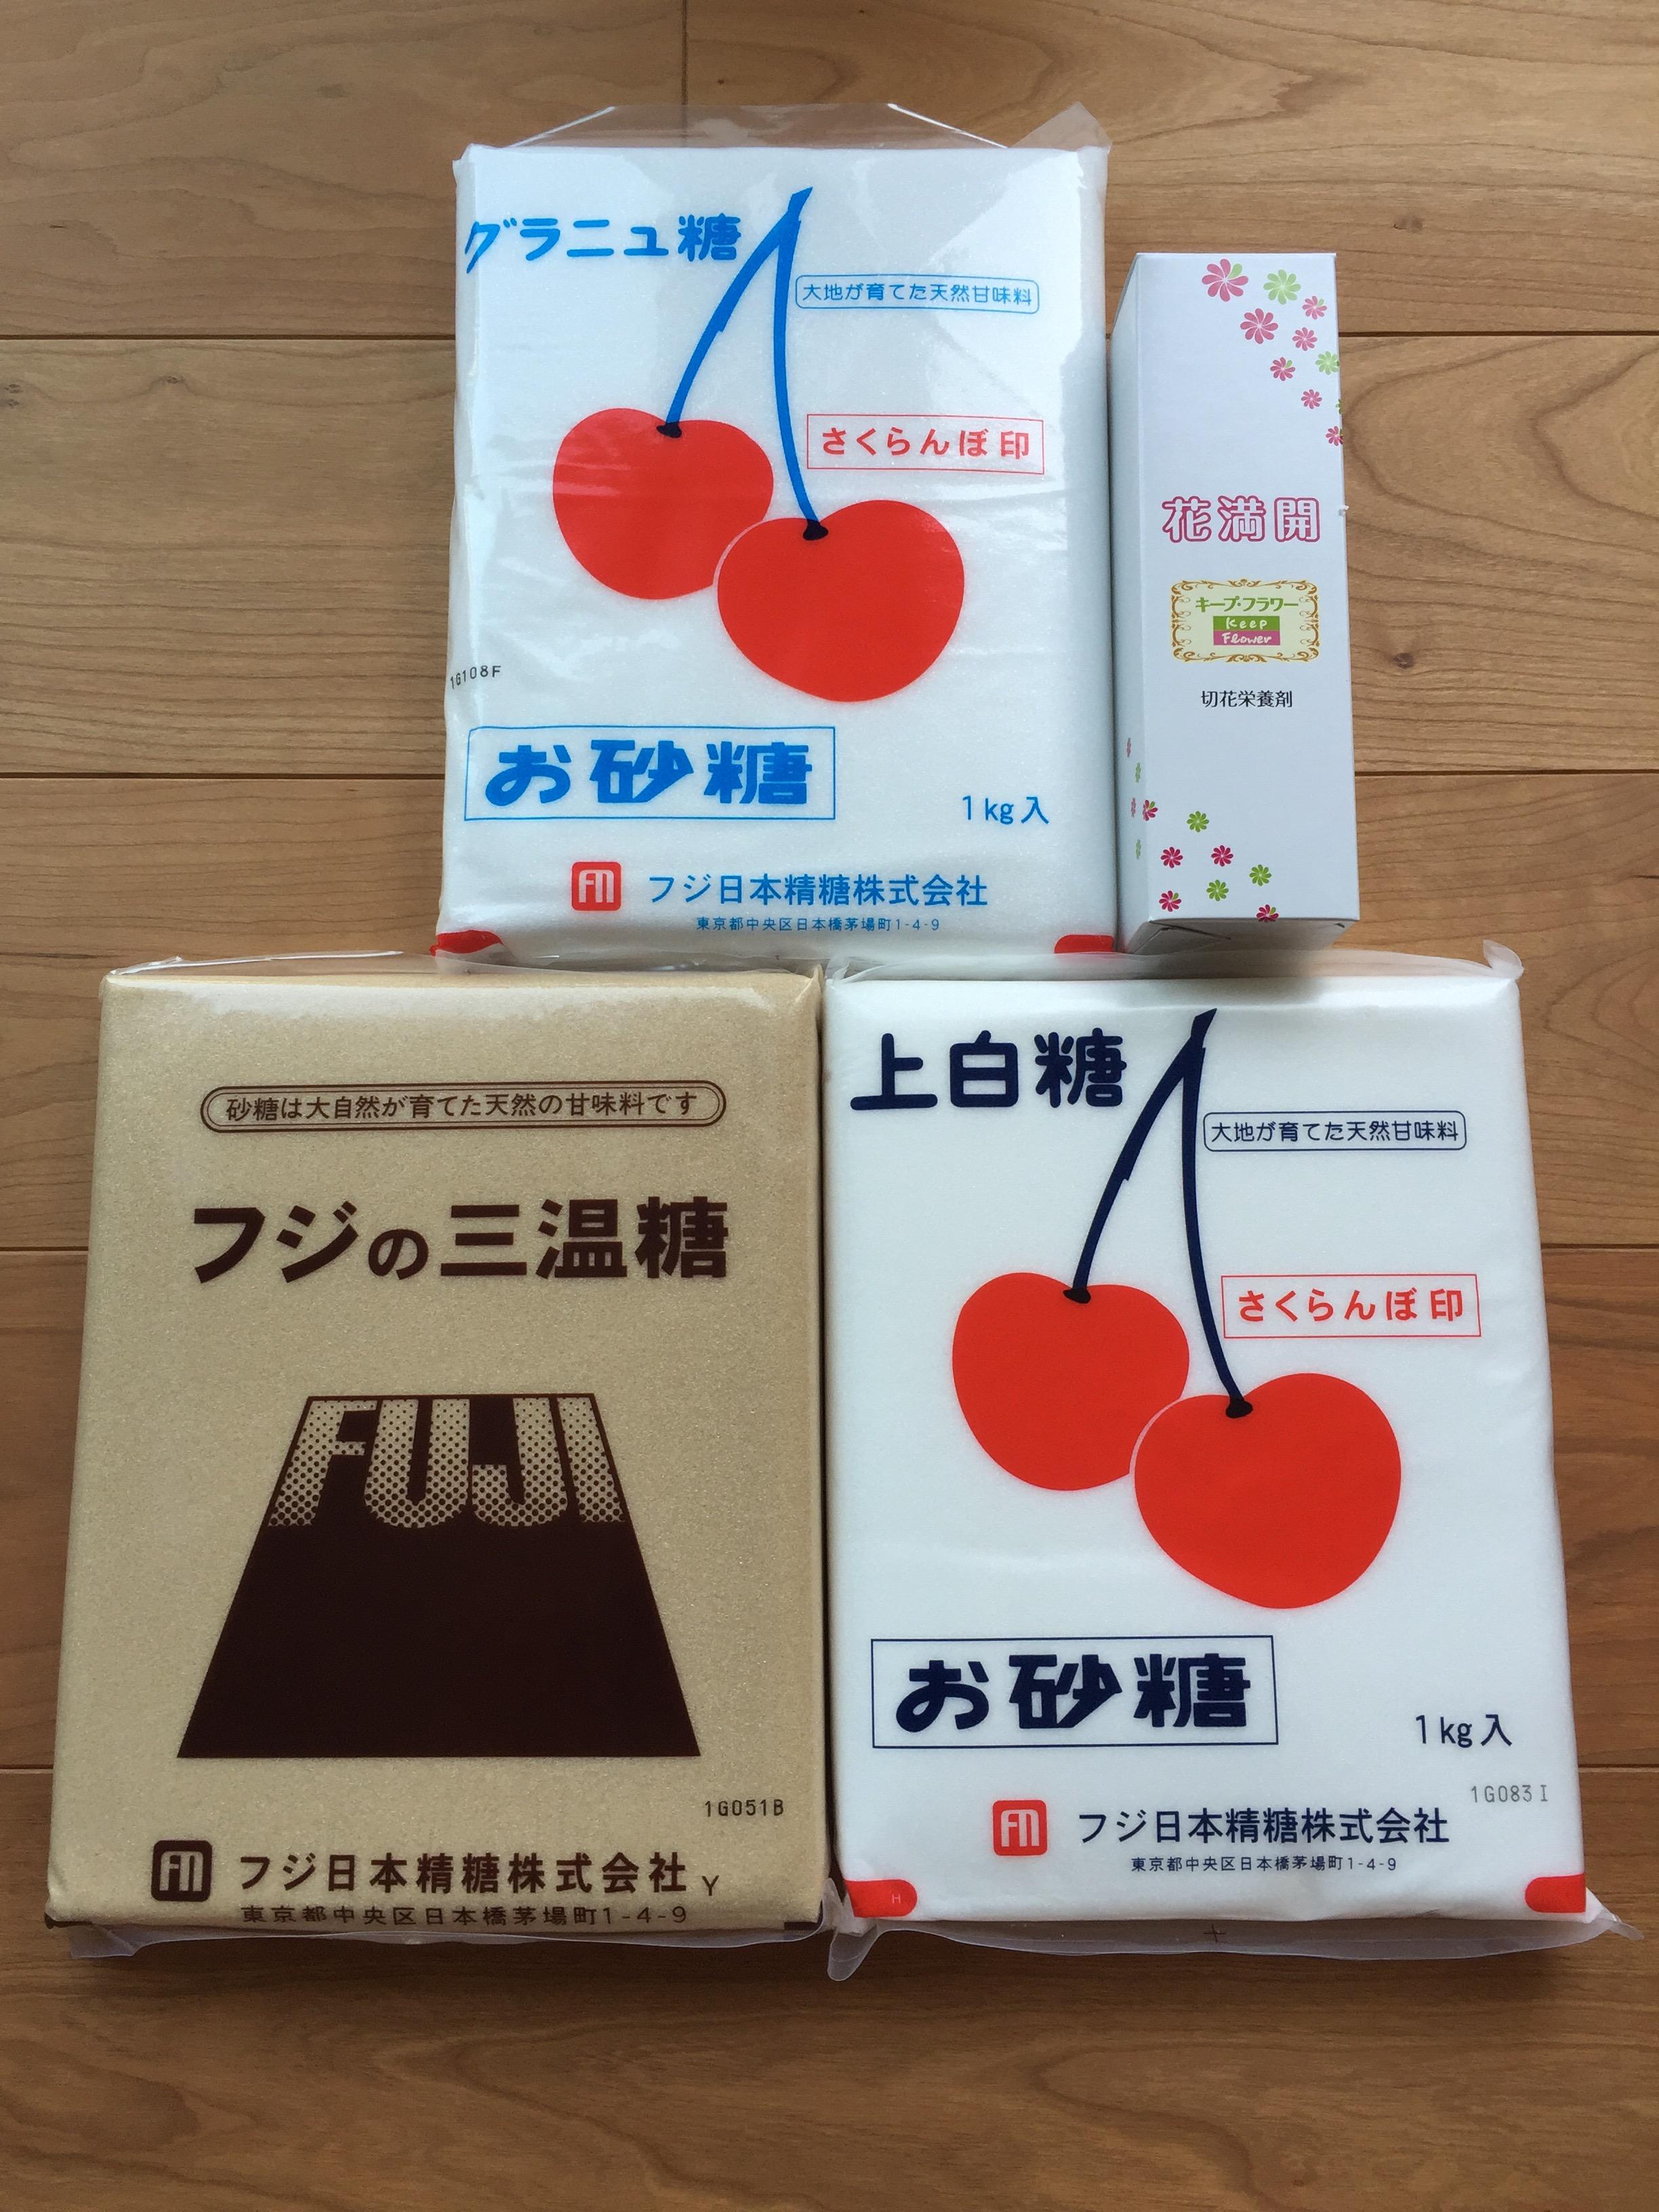 単元株変更により100株優待新設のフジ日本精糖(2883)を購入